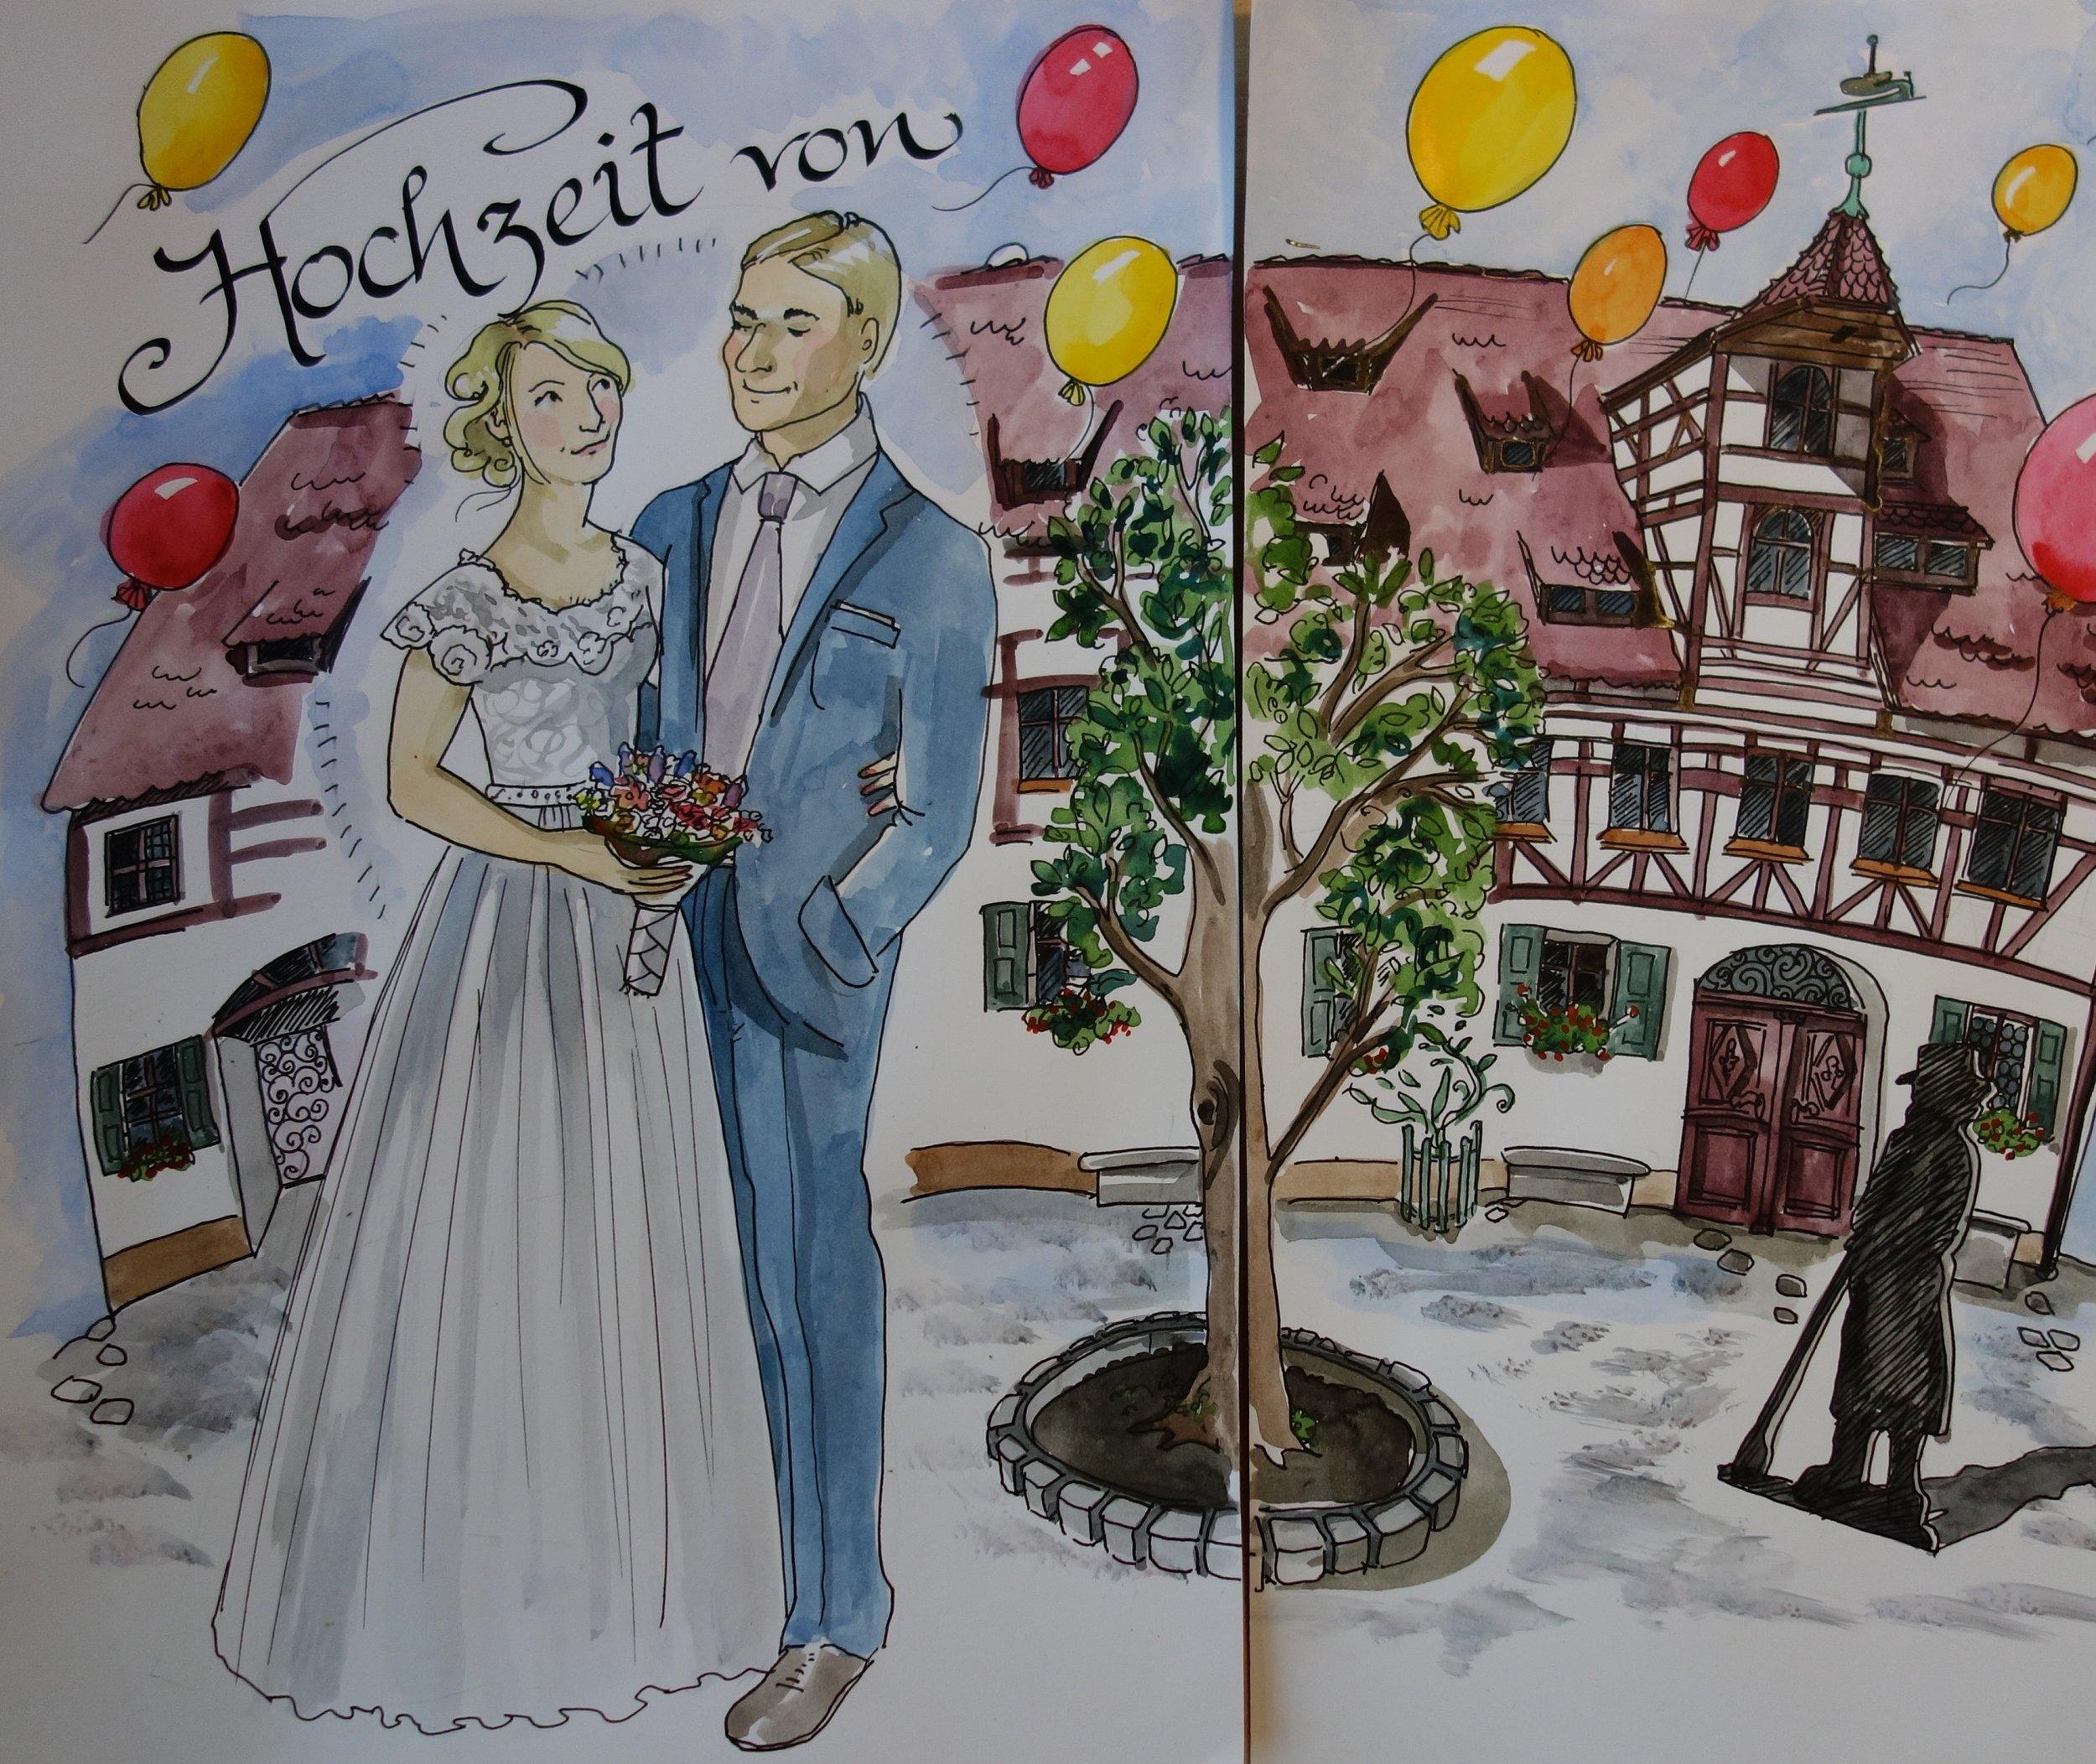 Mein Hauptbild: das Gebäude, in dem die Trauung stattfand, vorbereitet, das mir bis dato unbekannte Brautpaar eingesetzt...manuell... nicht mit Photoshop :) !